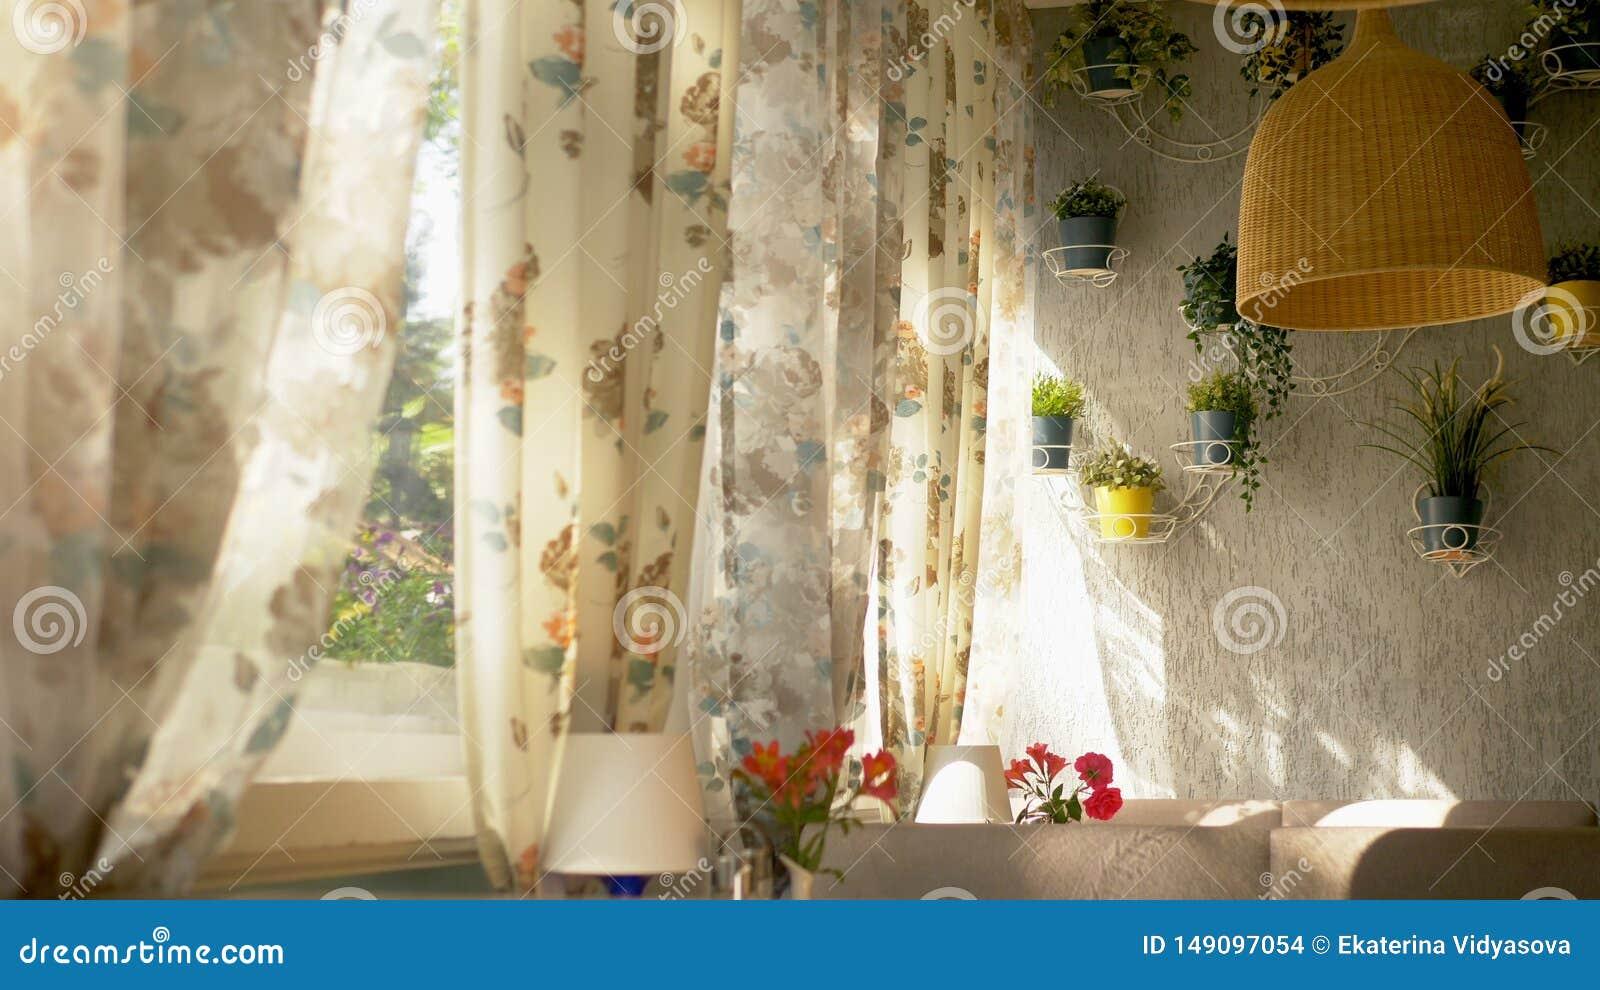 Le concept des fen?tres int?rieures grandes fen?tres int?grales d?cor?es des rideaux en impression florale et du mur de maison